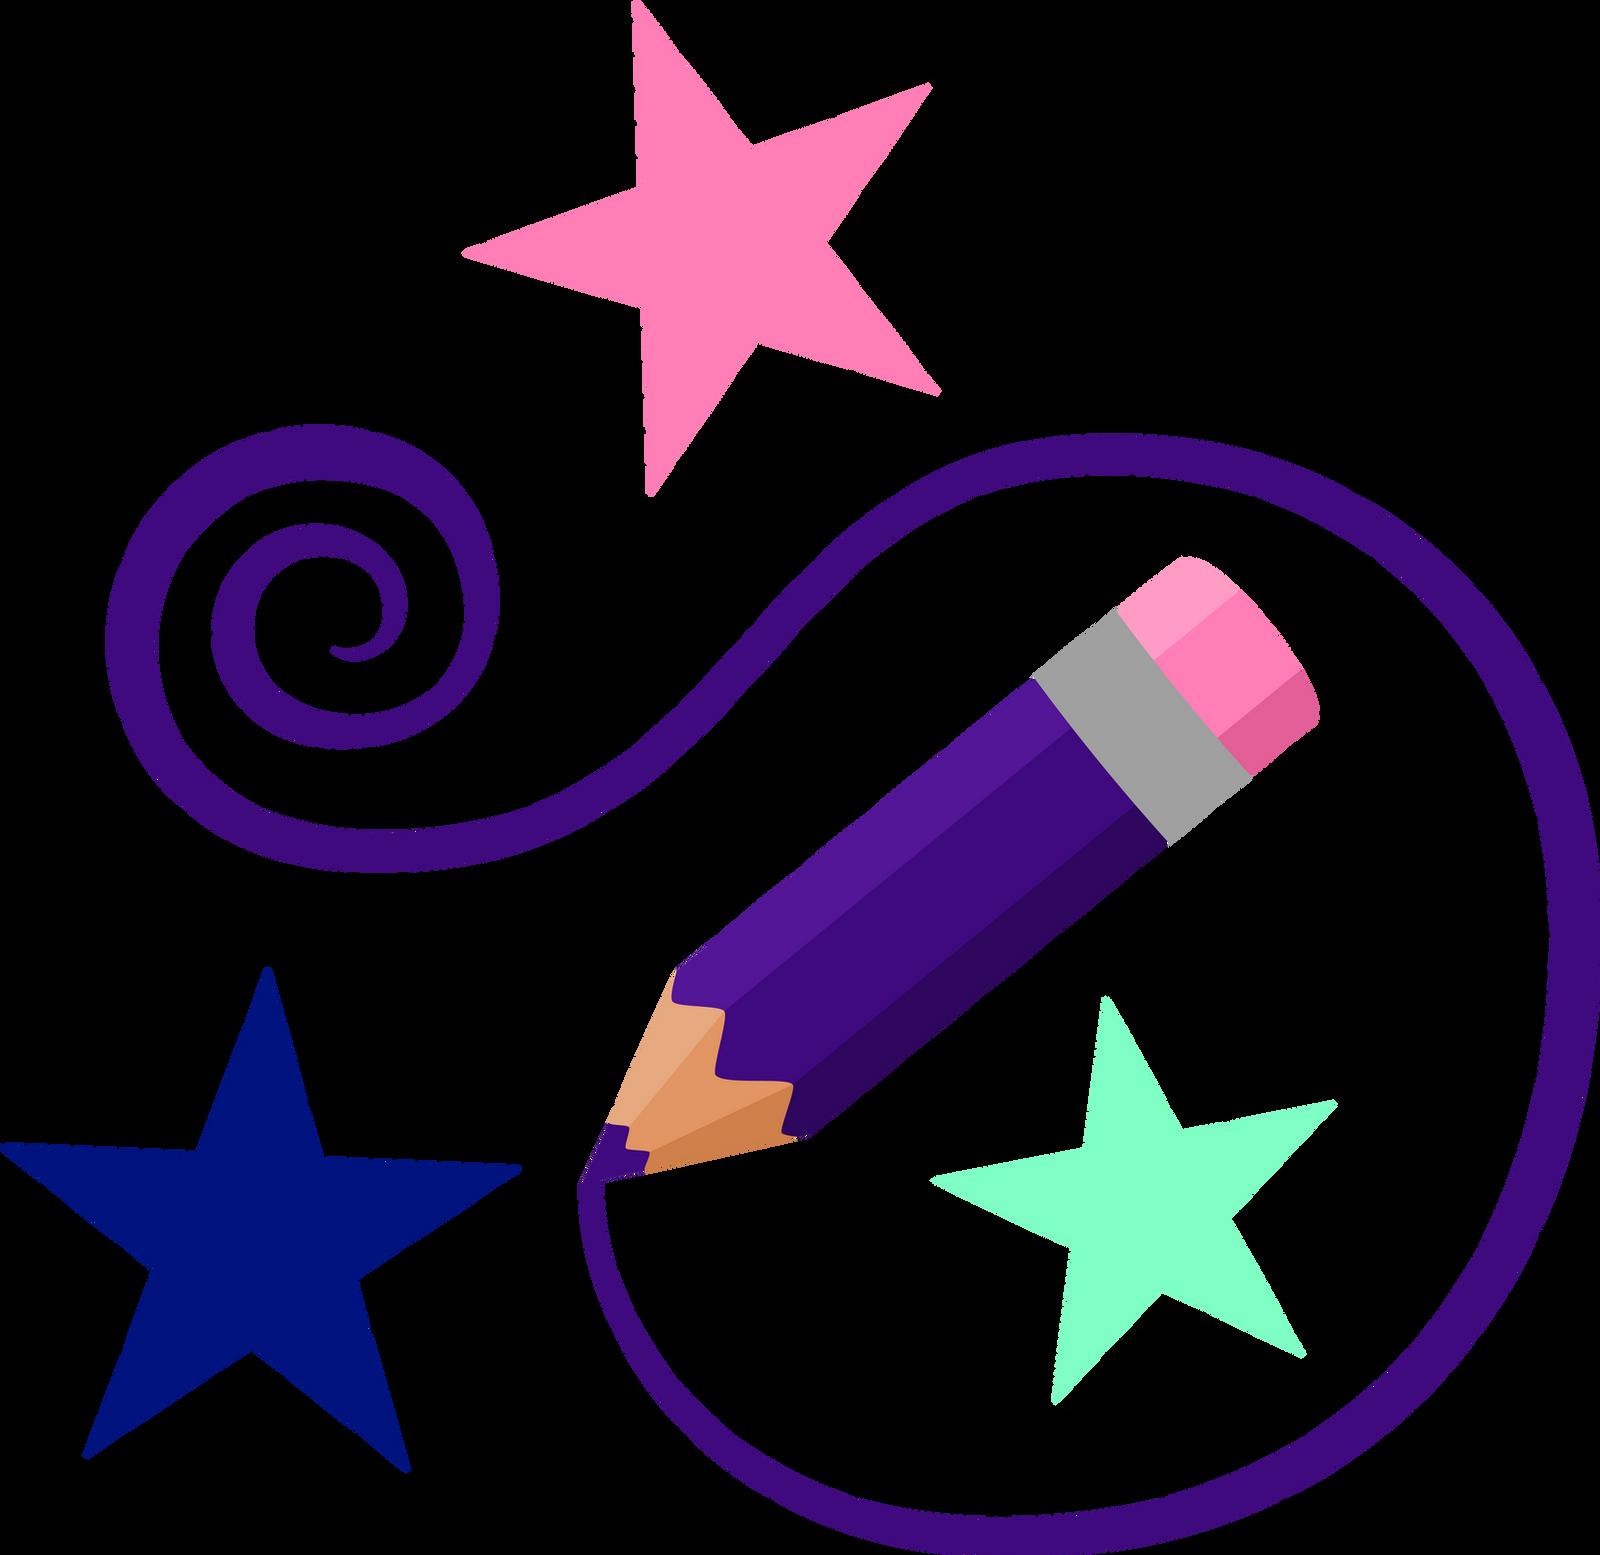 Paint Net Draw Arrow